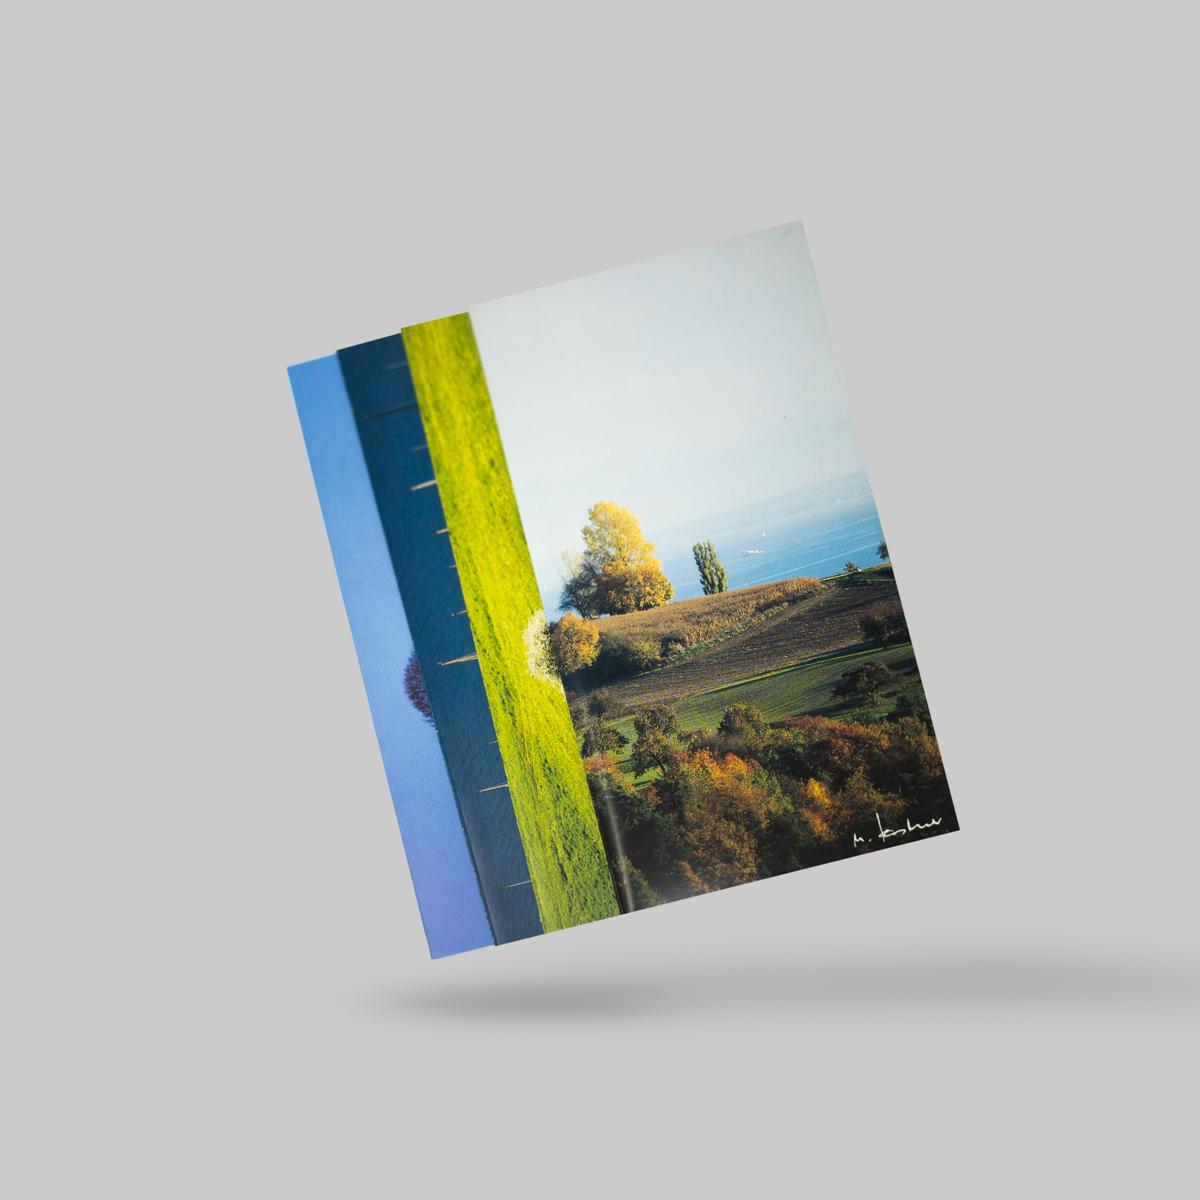 Fotokarten-dinlang-manfred-kastner